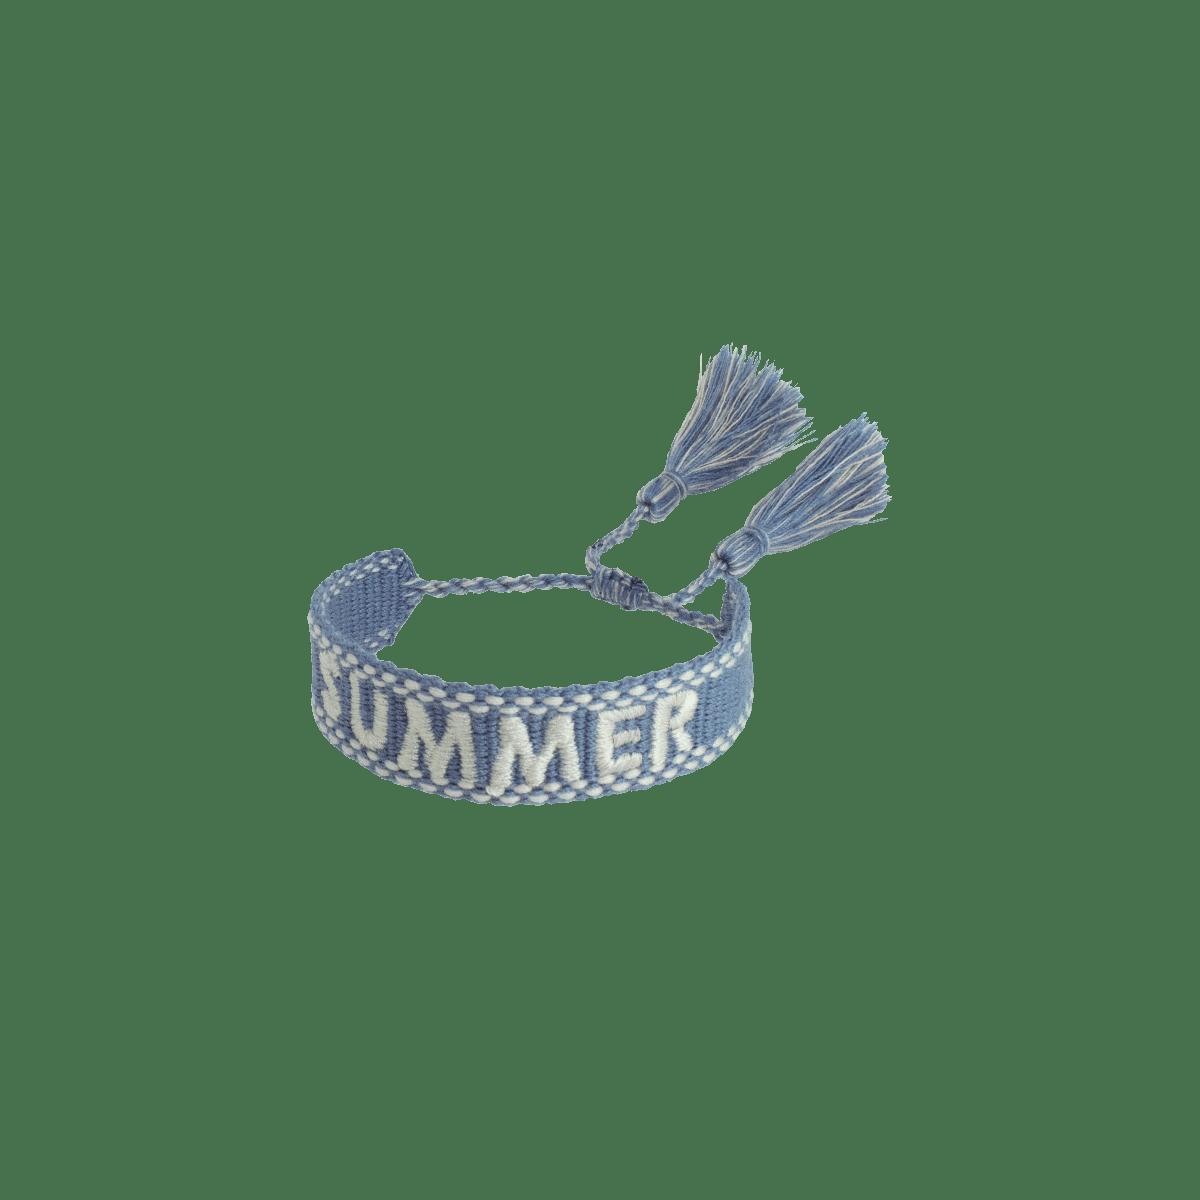 Mini Whitney Woven Name Bracelet